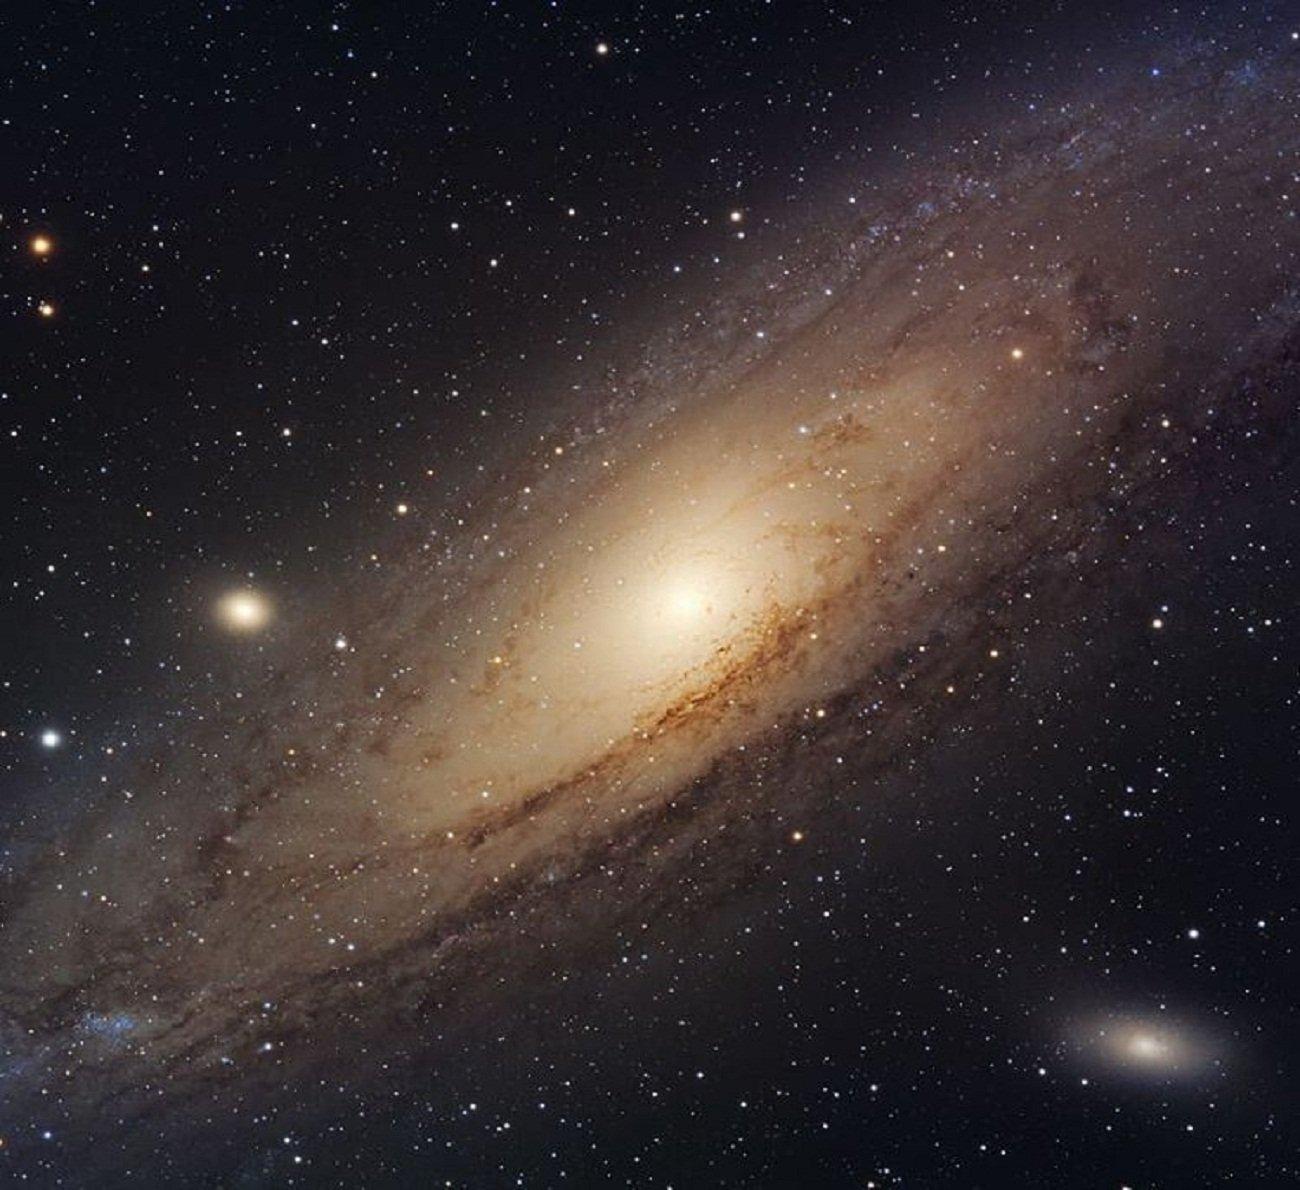 Телескоп Hubble запечатлел бесконечность Вселенной на снимке со светом 25 миллионов звезд